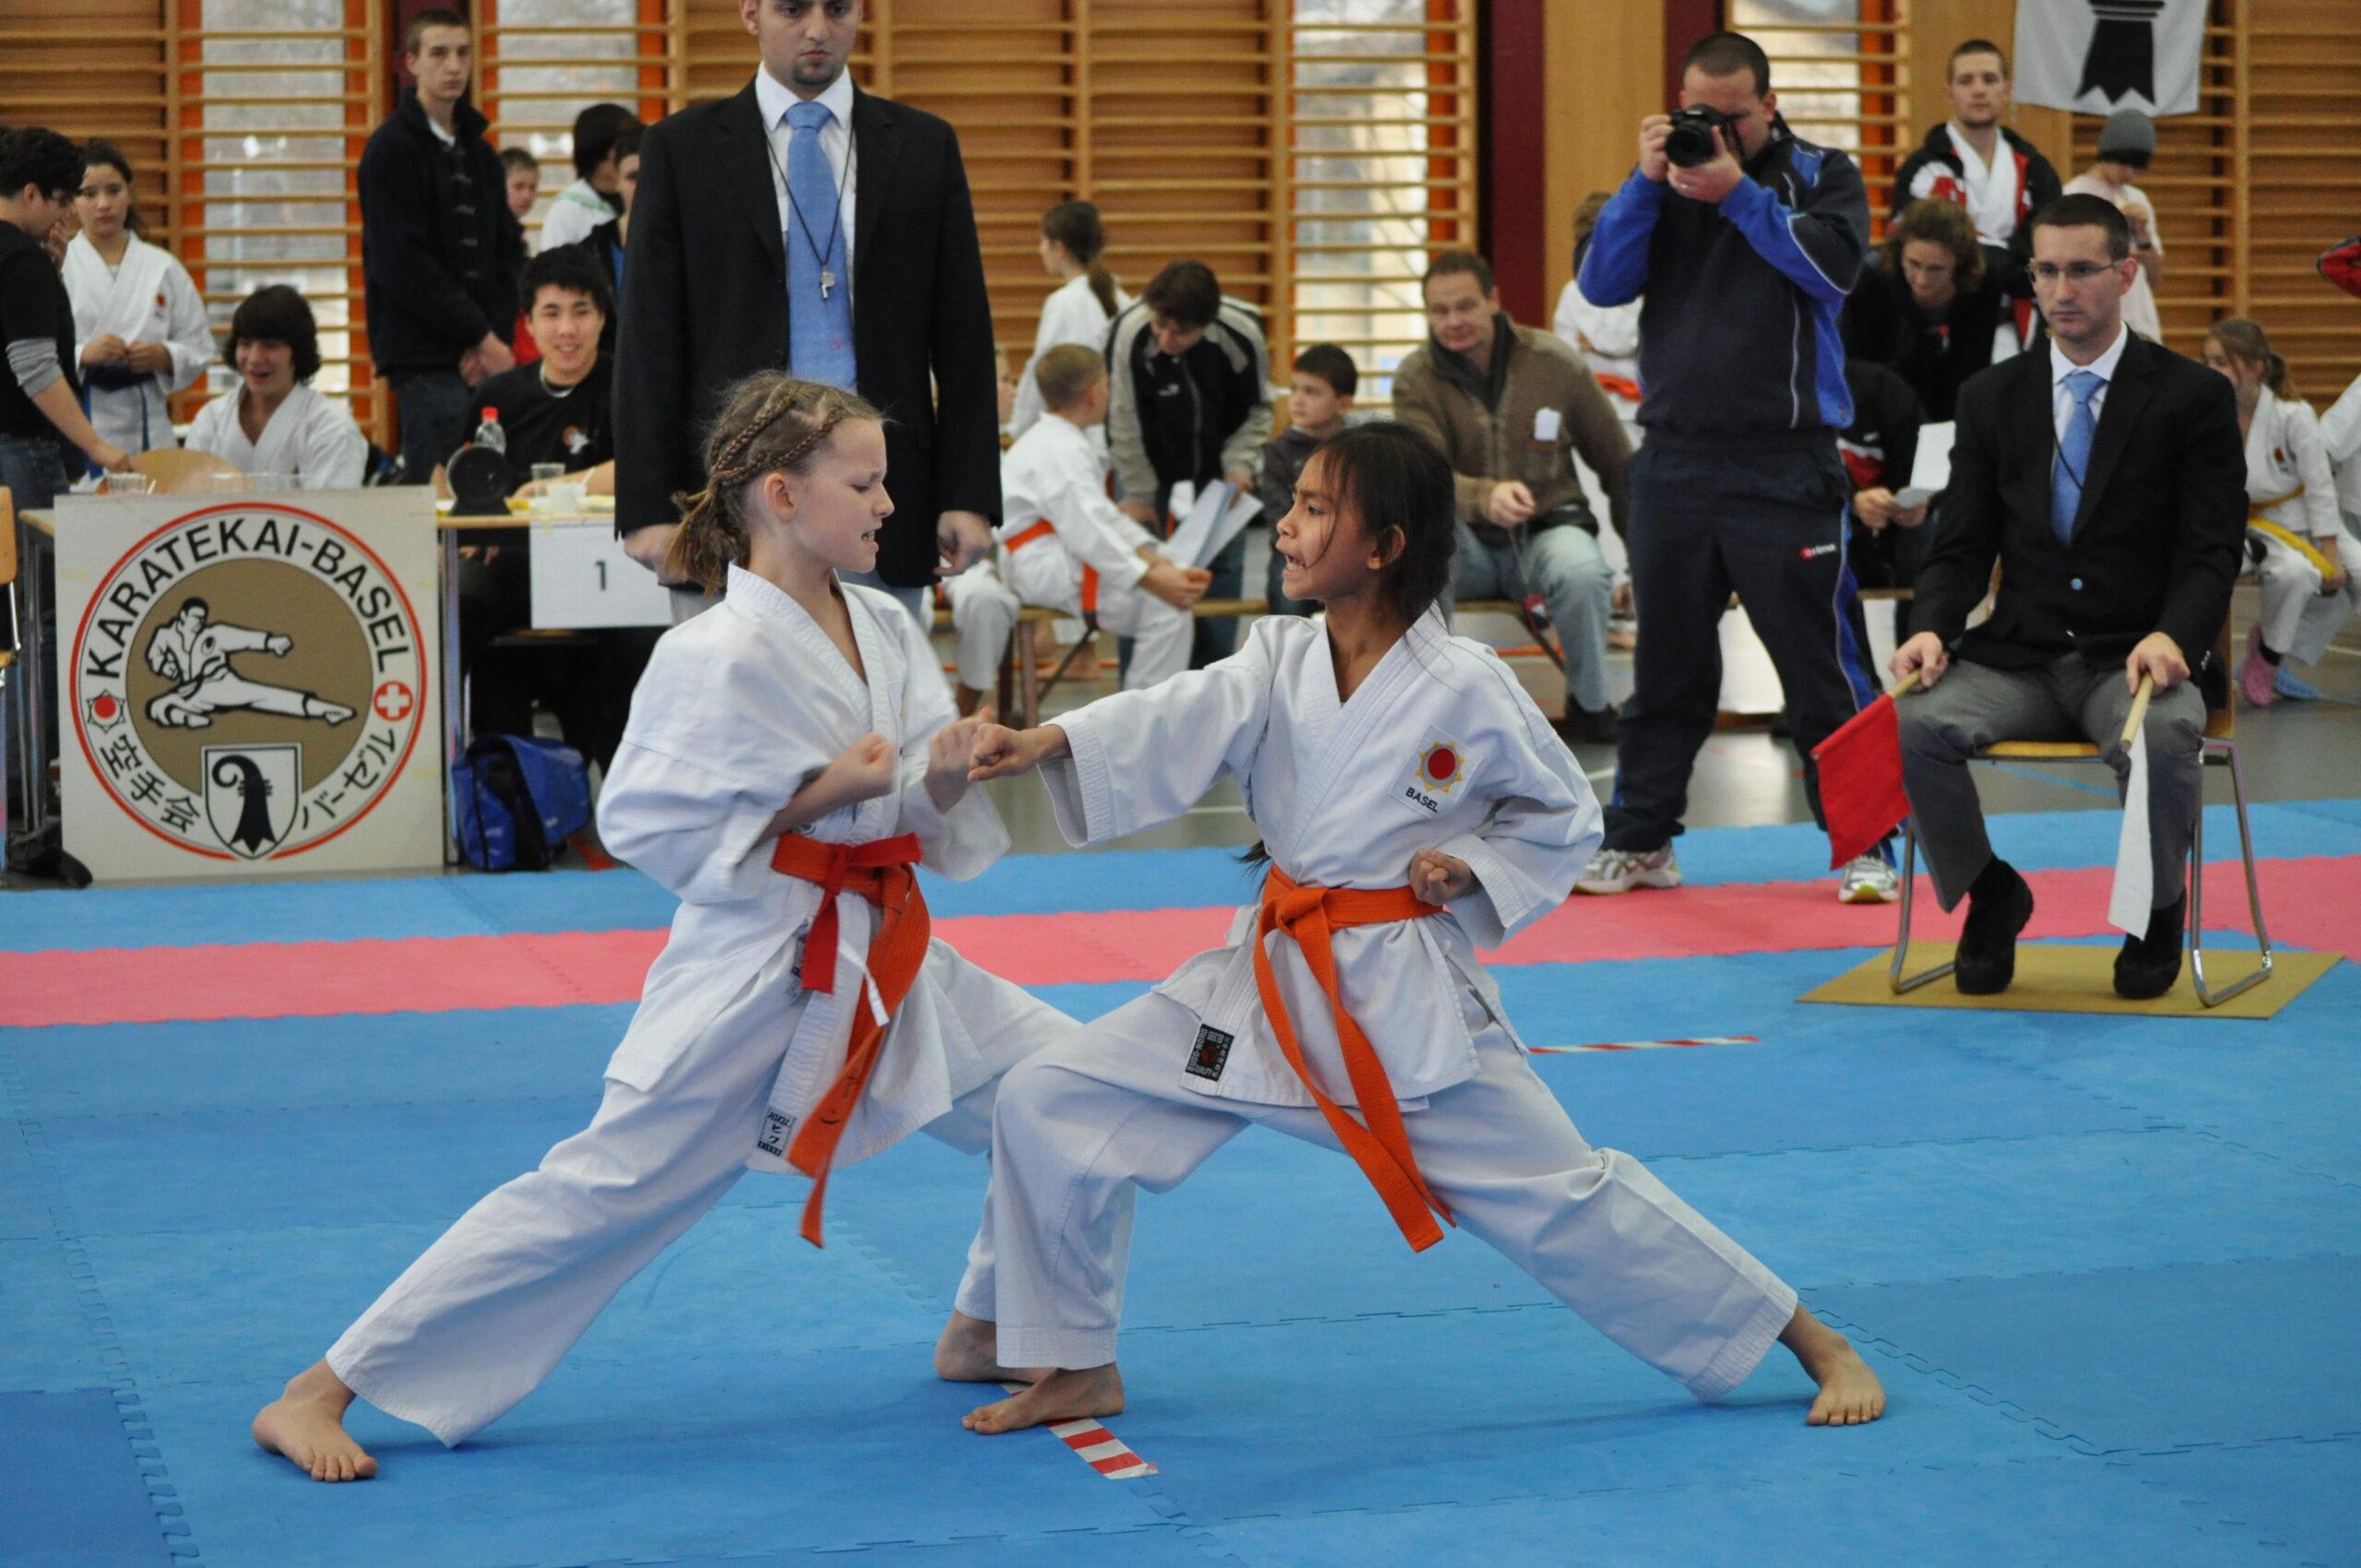 SKR Kinder und Kyuturnier 2010 in Muttenz